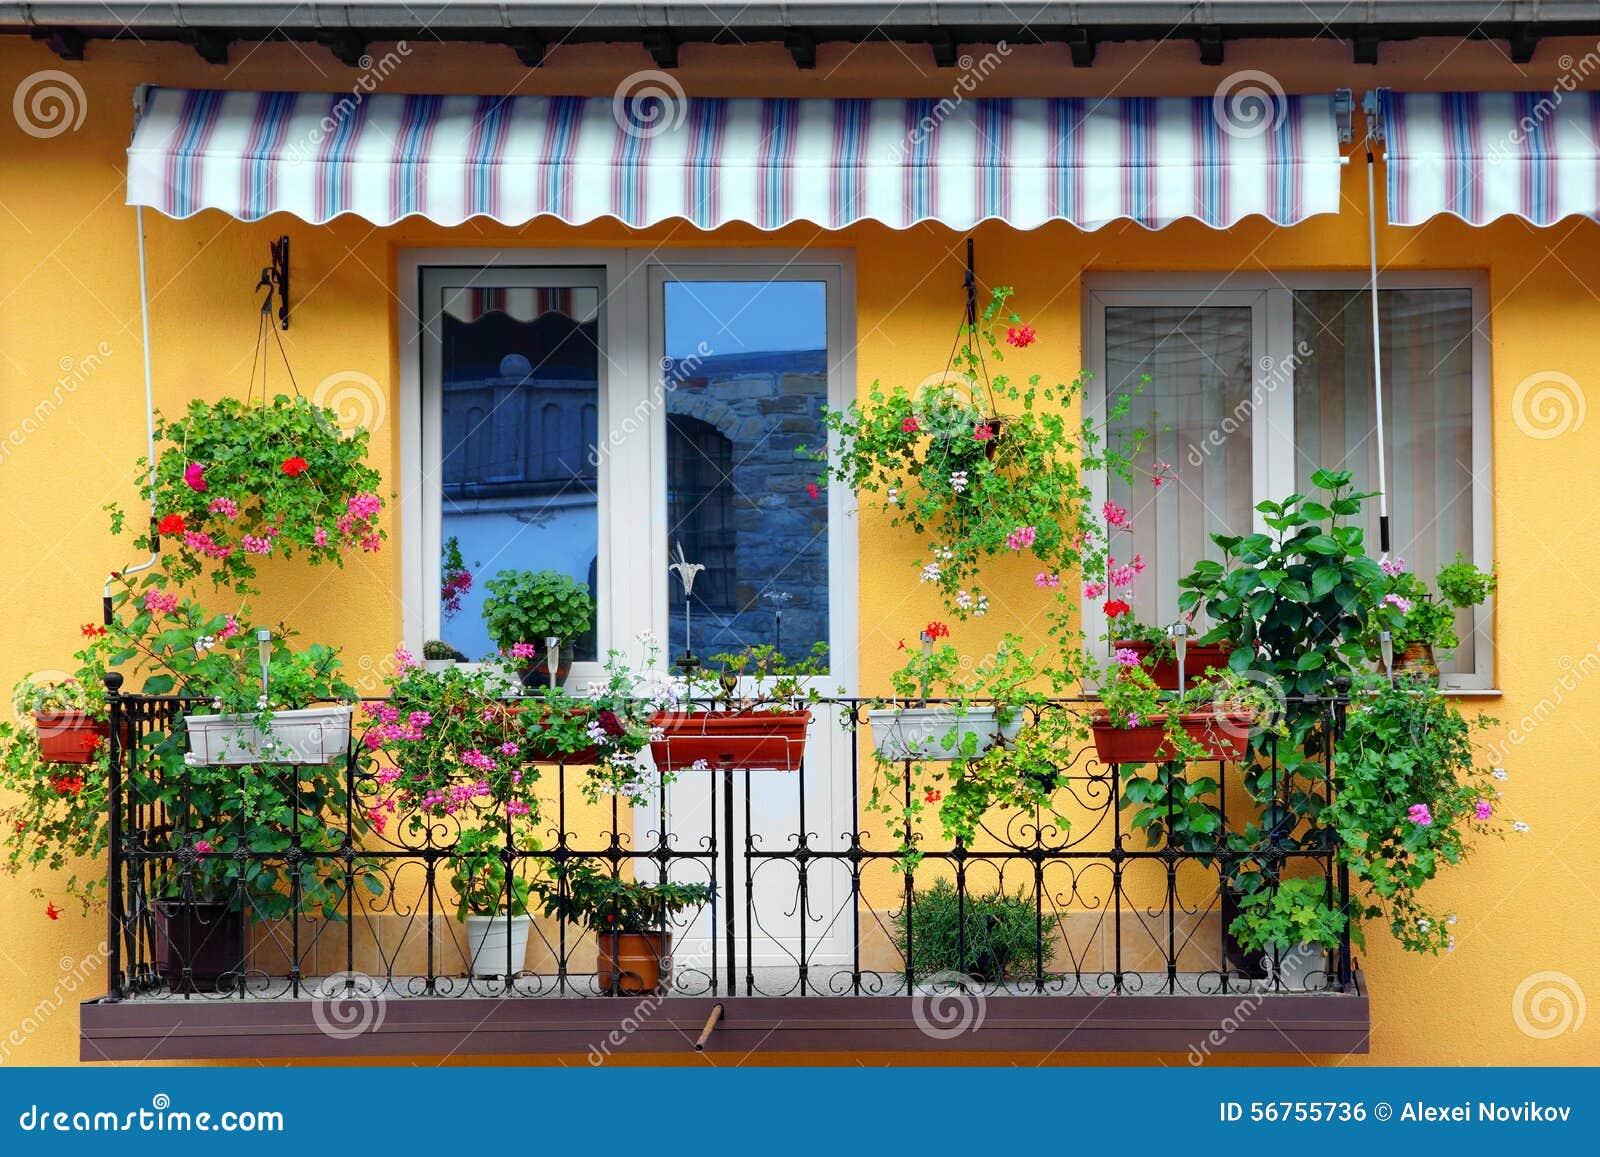 giardino fiorito di disegno foto stock ? 370 giardino fiorito di ... - Giardino Fiorito Disegno